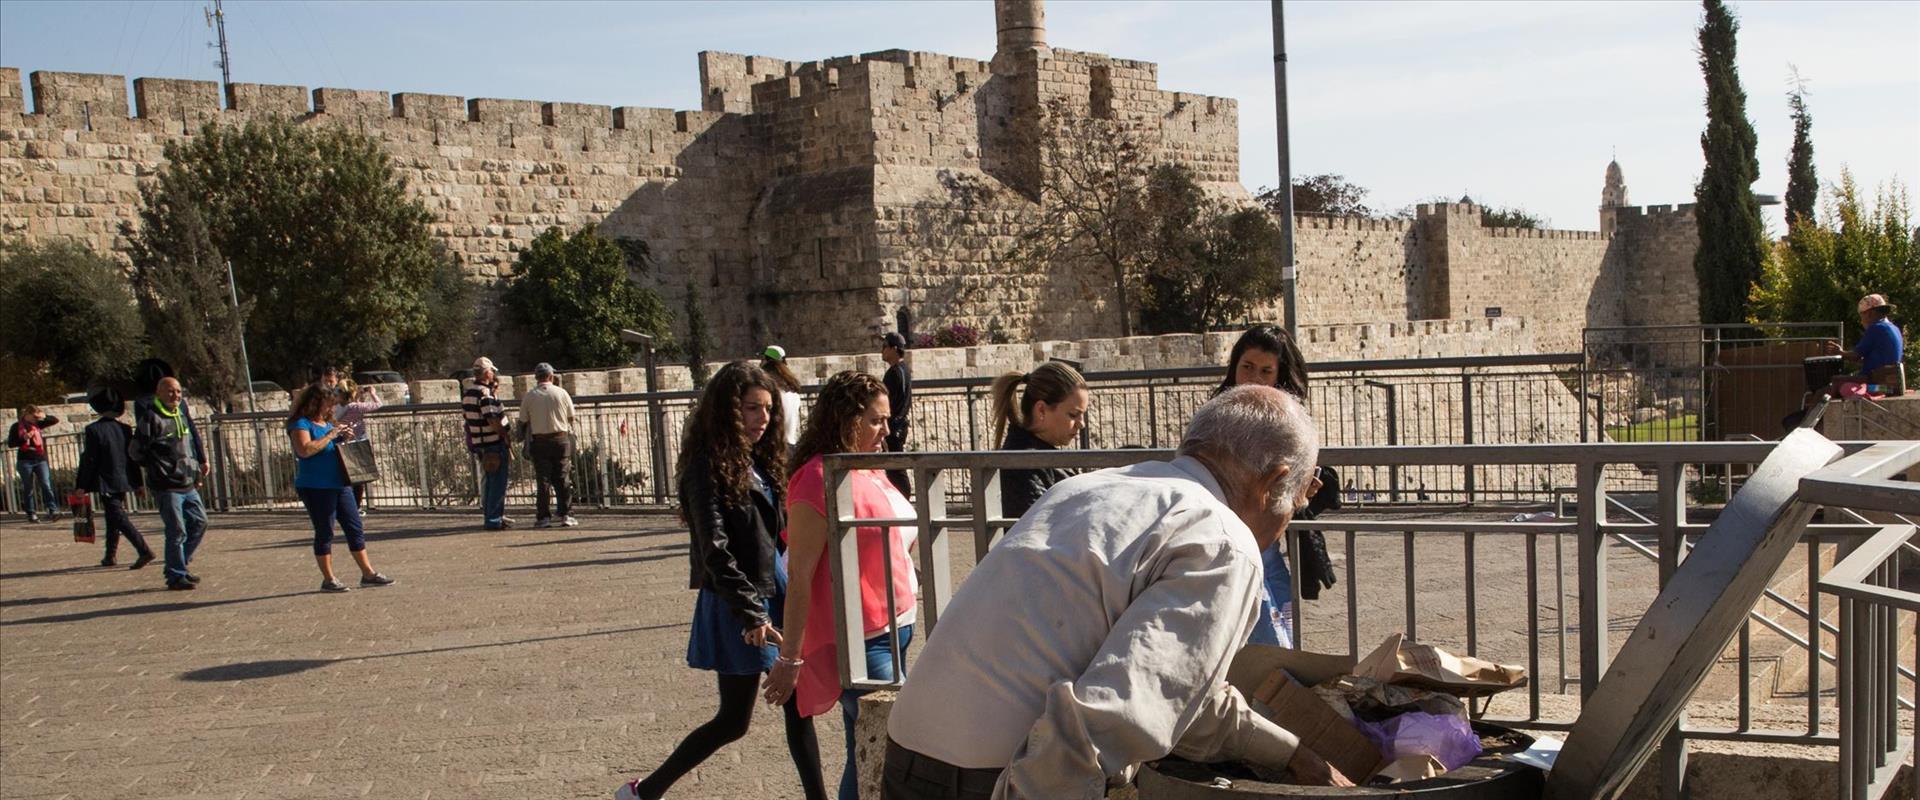 אדם מחטט בפח, ירושלים 2018